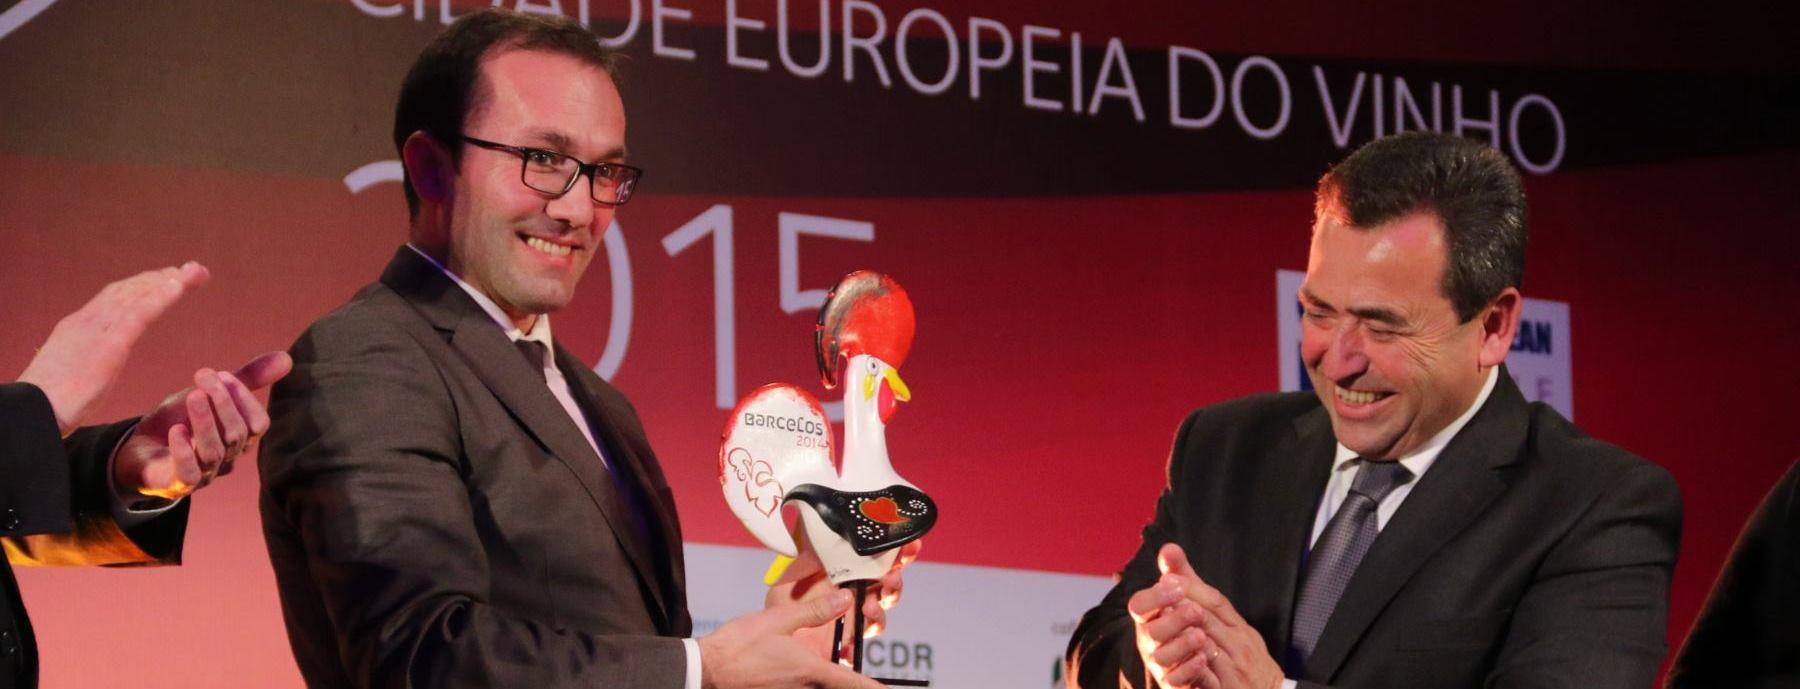 Barcelos distinguido com Diploma de Mérito na Gala da Cidade Europeia do Vinho